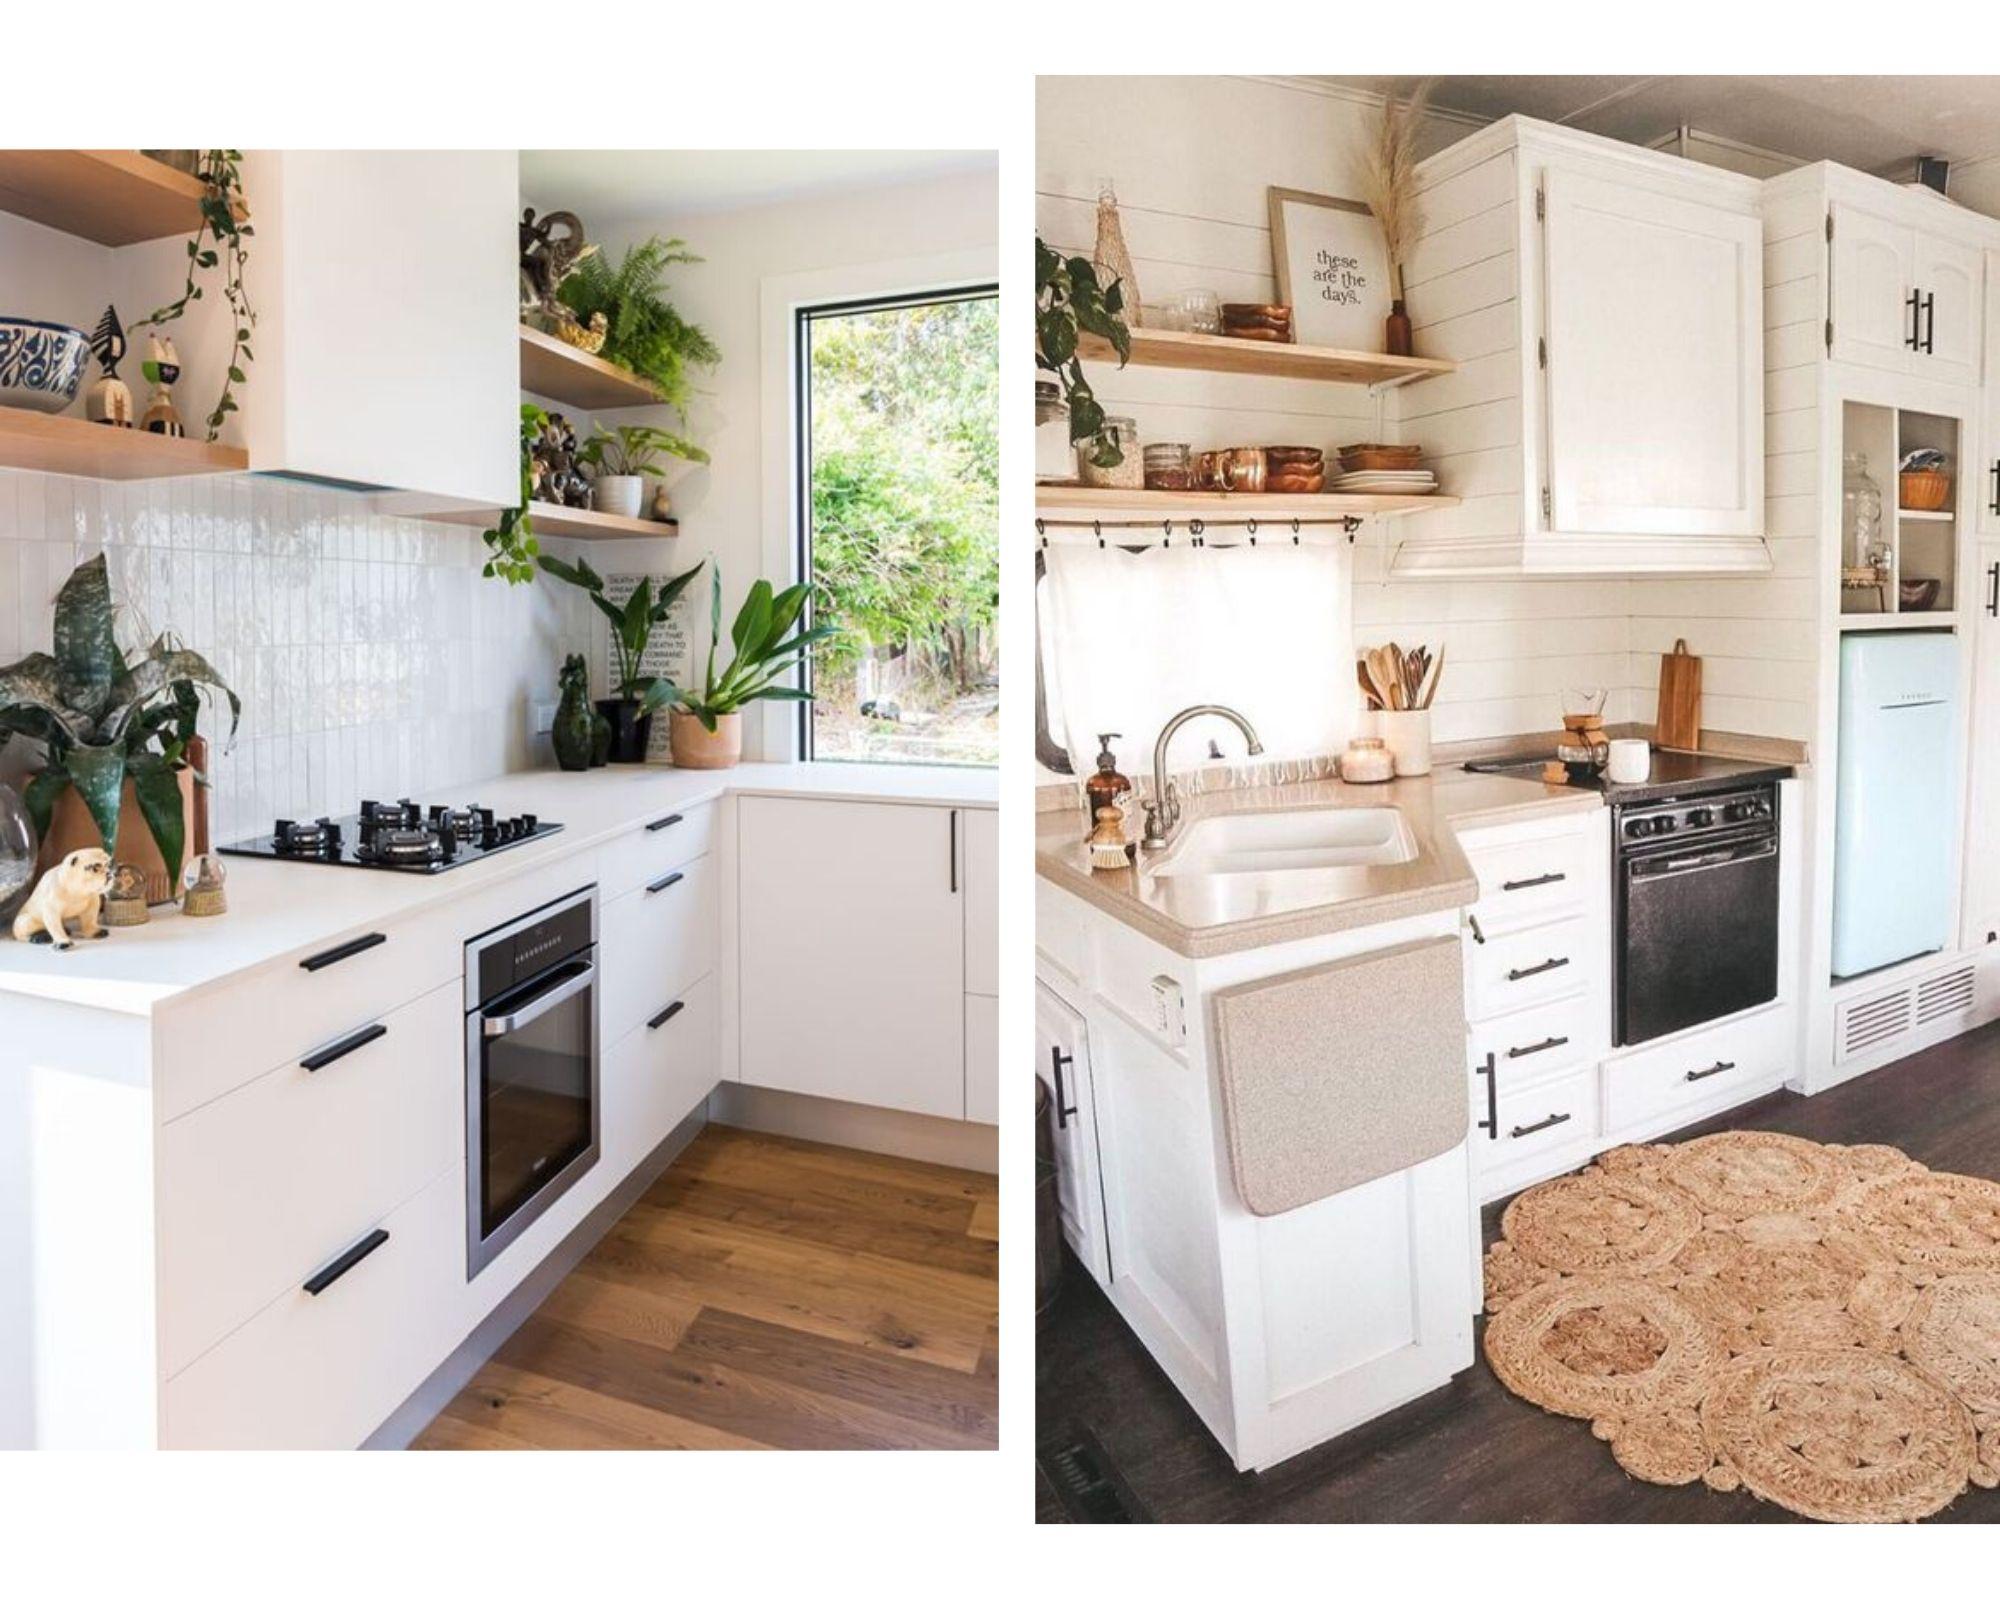 Si los muebles de tu cocina son de madera oscuros, lo mejor para darle luminosidad y modernizarlos es pintarlos (idelmente laquearlos) de blanco o de algun color gris. Con eso y cambiando los herrajes por algo mas moderno ya tu cocina cambia totalmente. Si los azulejos son antiguos, o tienen un color o diseño que no te convencen, se pueden pintar con pintura para azulejos tambien dcon un tono claro y luminoso. Si la pared lo permite se puede colocar algun estante de madera clara para darle calidez y colocar en el, elementos decorativos como ser libros de cocina, canastos, alguna plantita aromatica, especieros y algunos frascos o jarras. Un tipo para cambiar el piso de la cocina sin tener que picar es colocar un vinilico imitacion madera que se coloca por encima del piso existente.